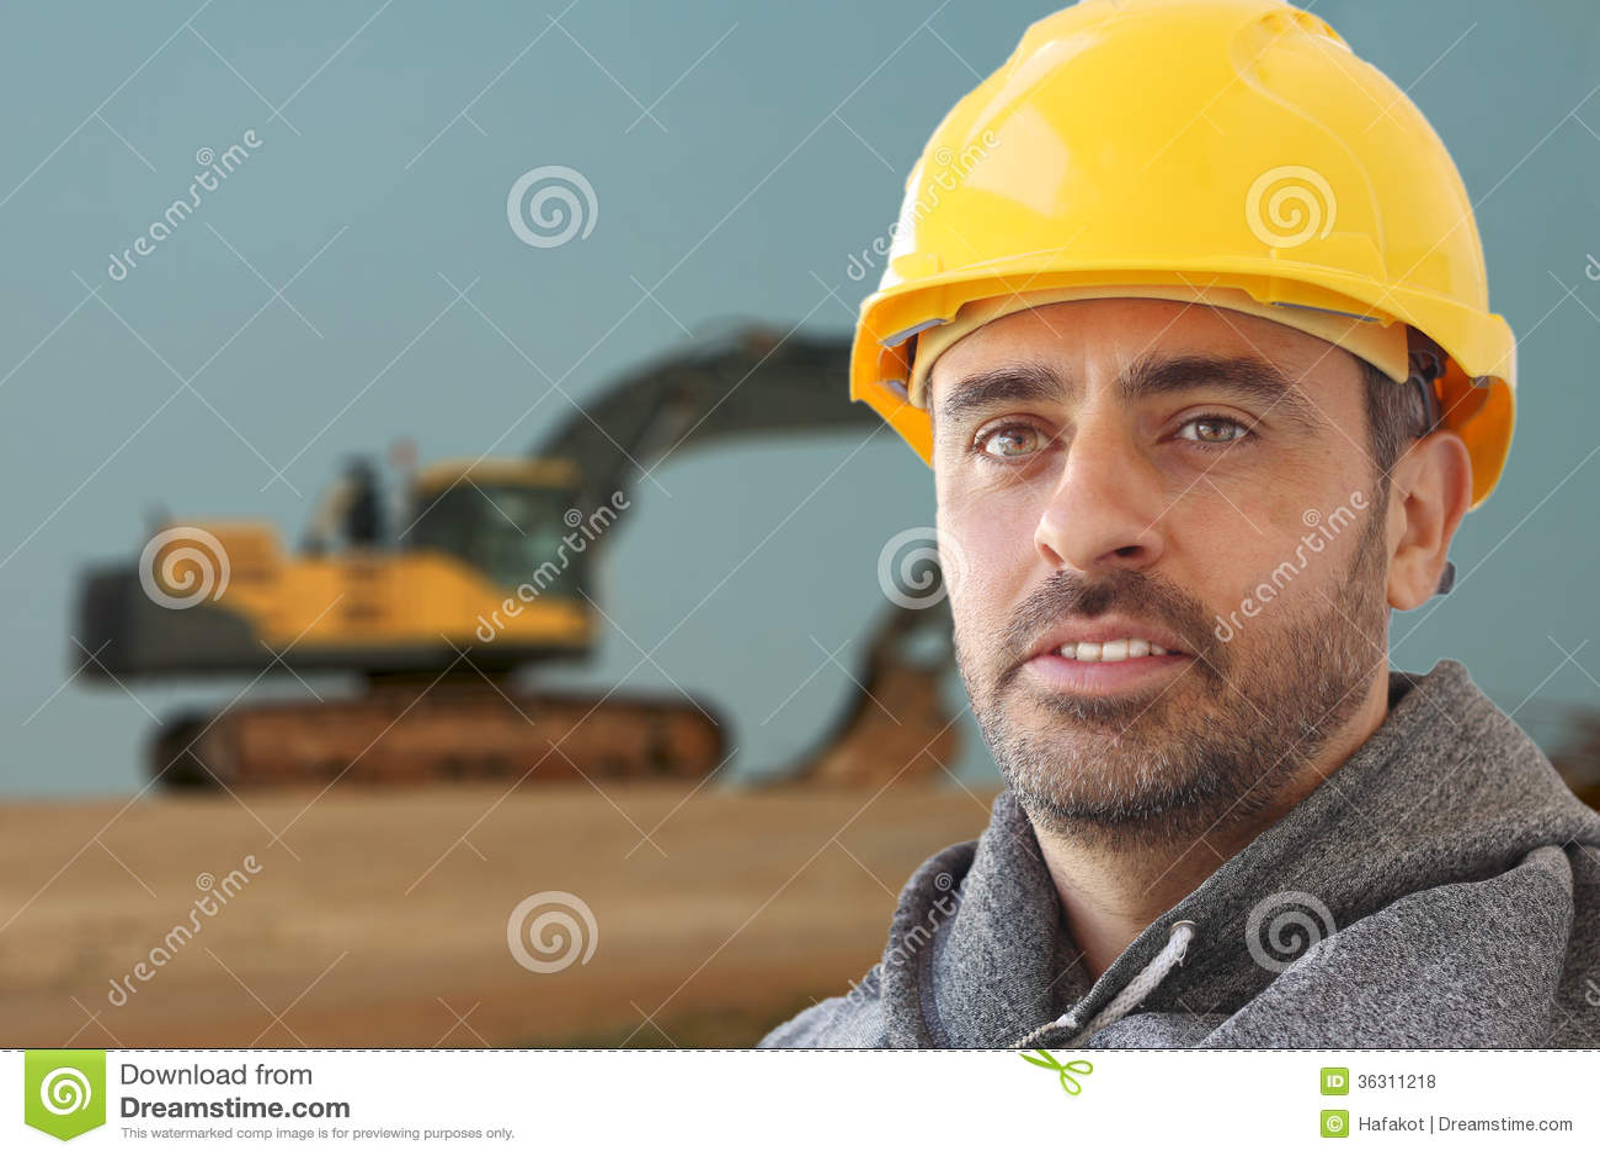 Przemysłowy robociarz w kapeluszowym kapeluszu